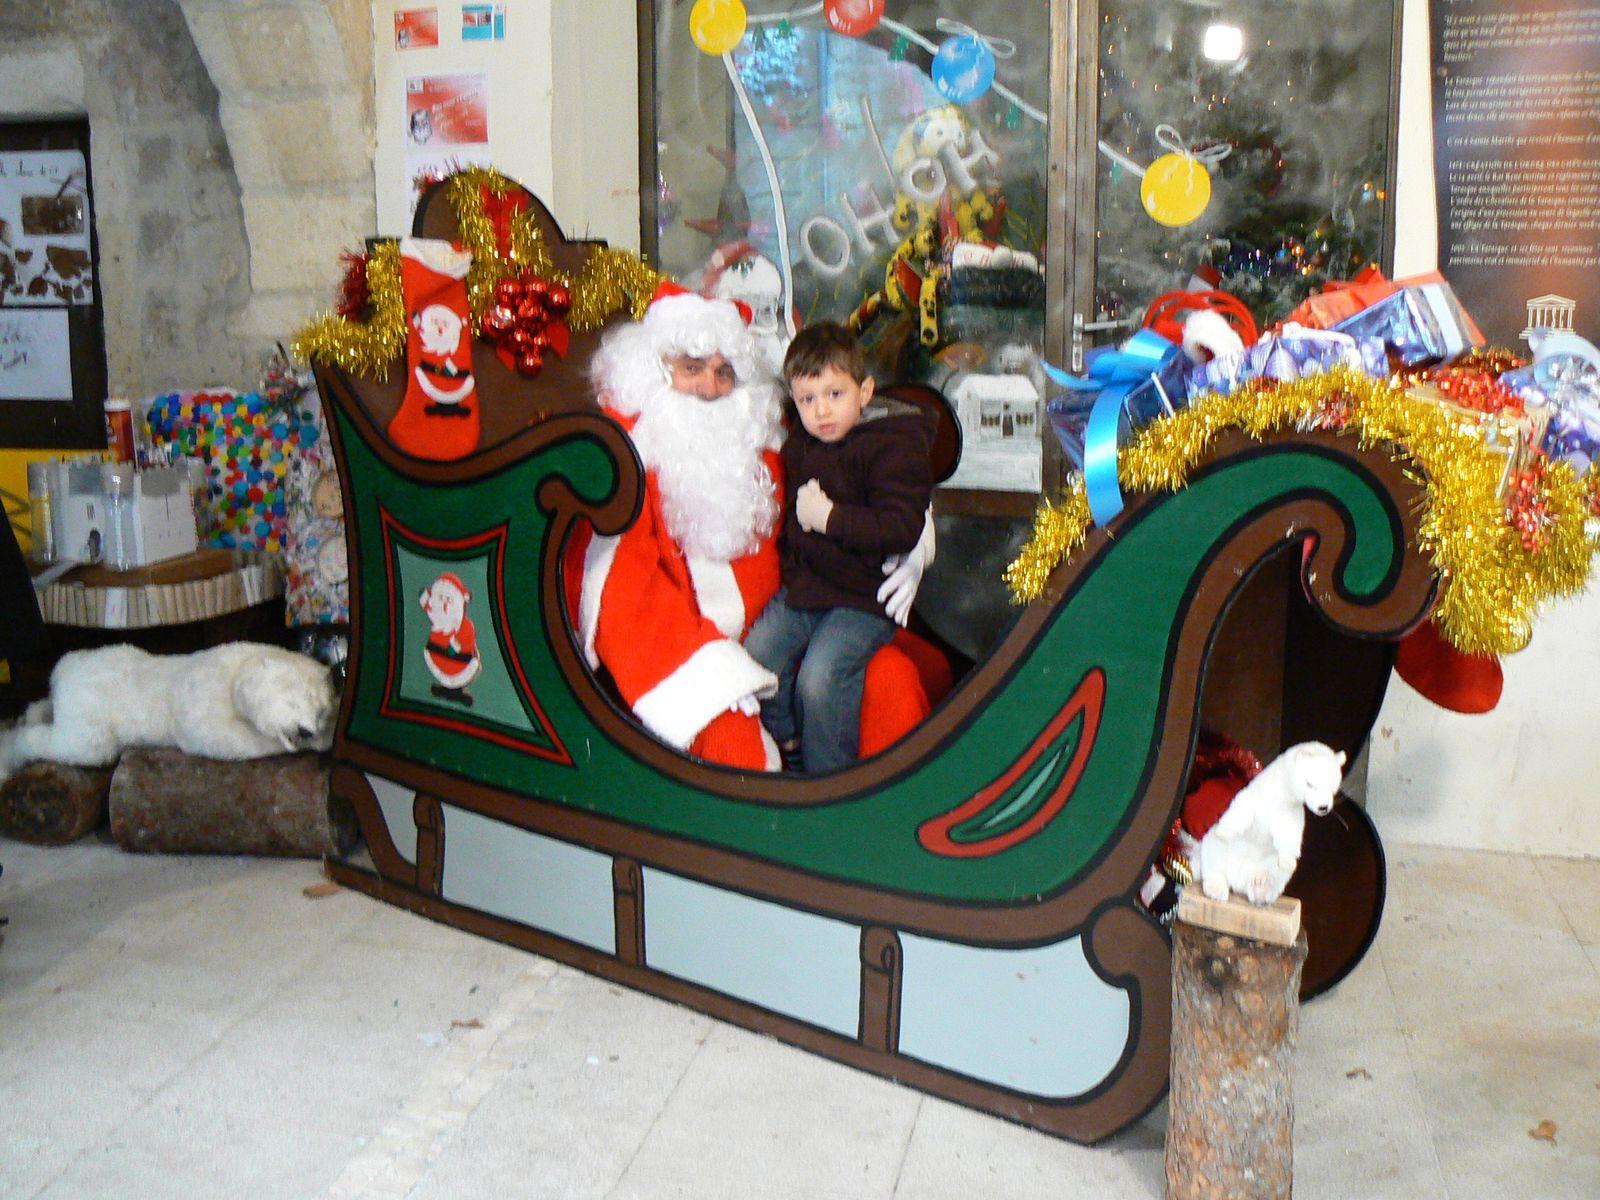 A l'occasion du Marché aux Santons des 26 et 27 novembre 2011, l'A.C.A.T. offrait des photos grand format avec le vrai Père Noël ! Situé devant l'antre de la Tarasque, notre stand exposait les dessins et sculptures des écoliers de Tarascon ayant